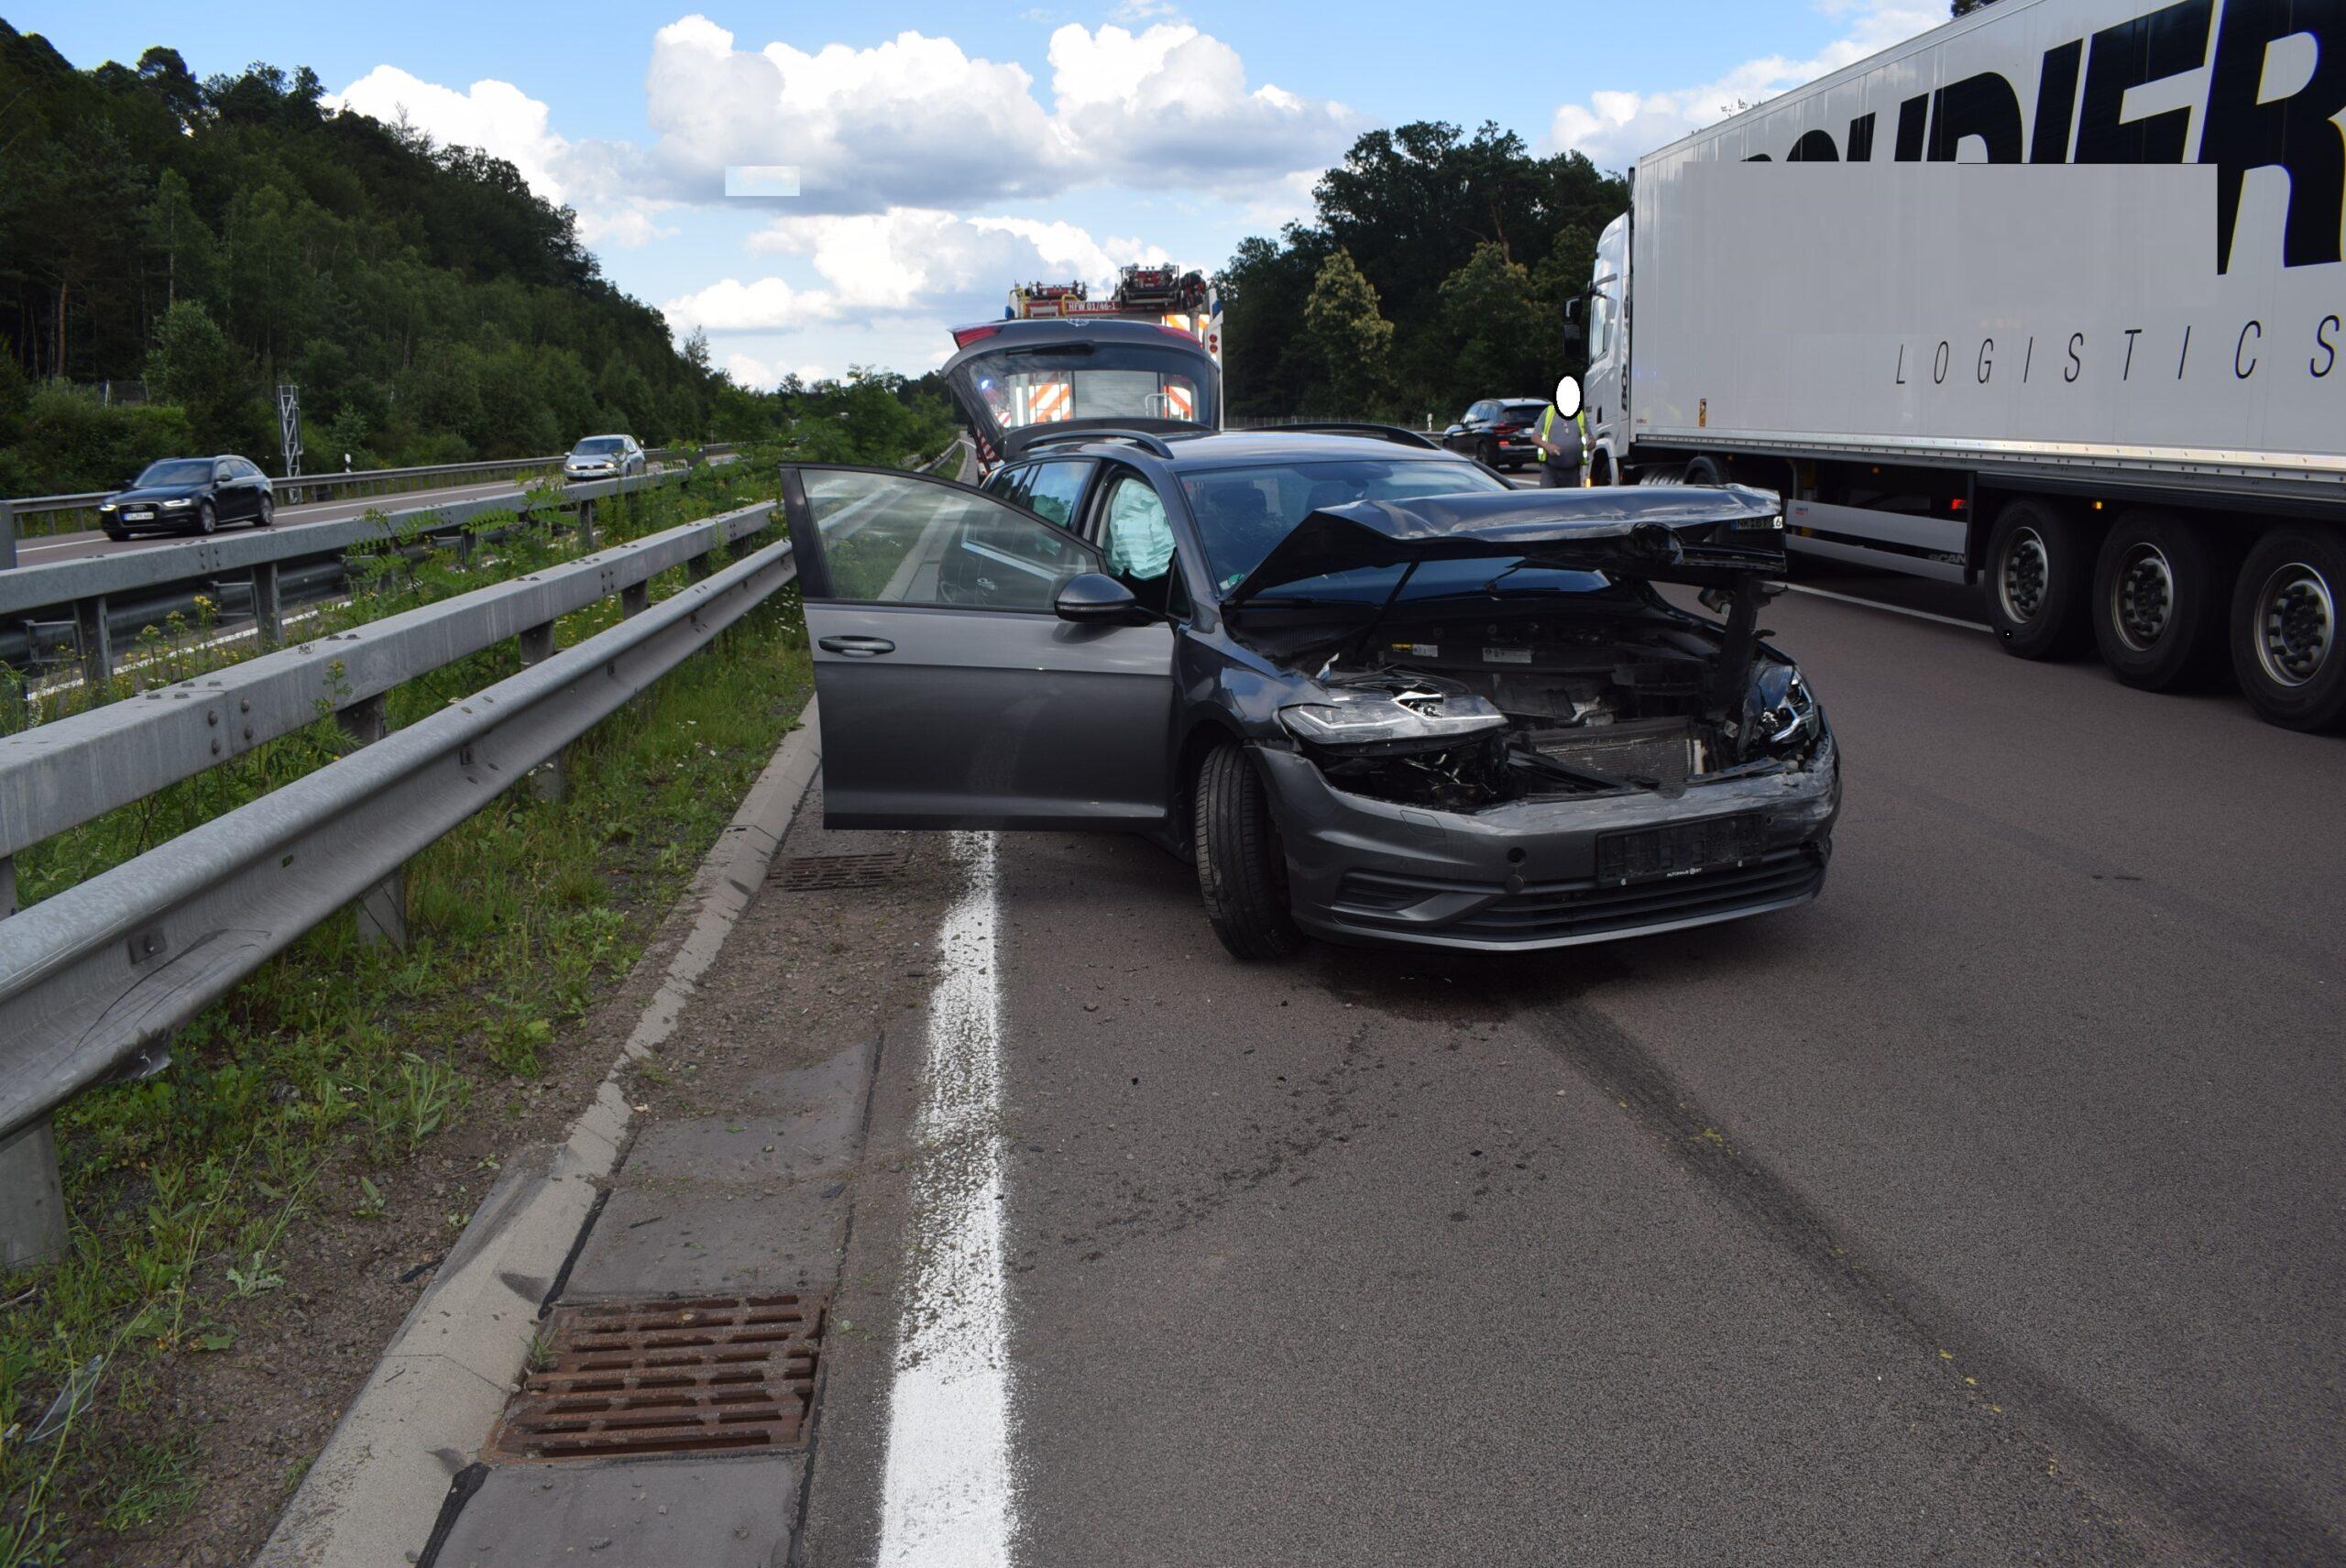 Pkw beim Fahrstreifenwechsel übersehen – Fahrer leicht verletzt